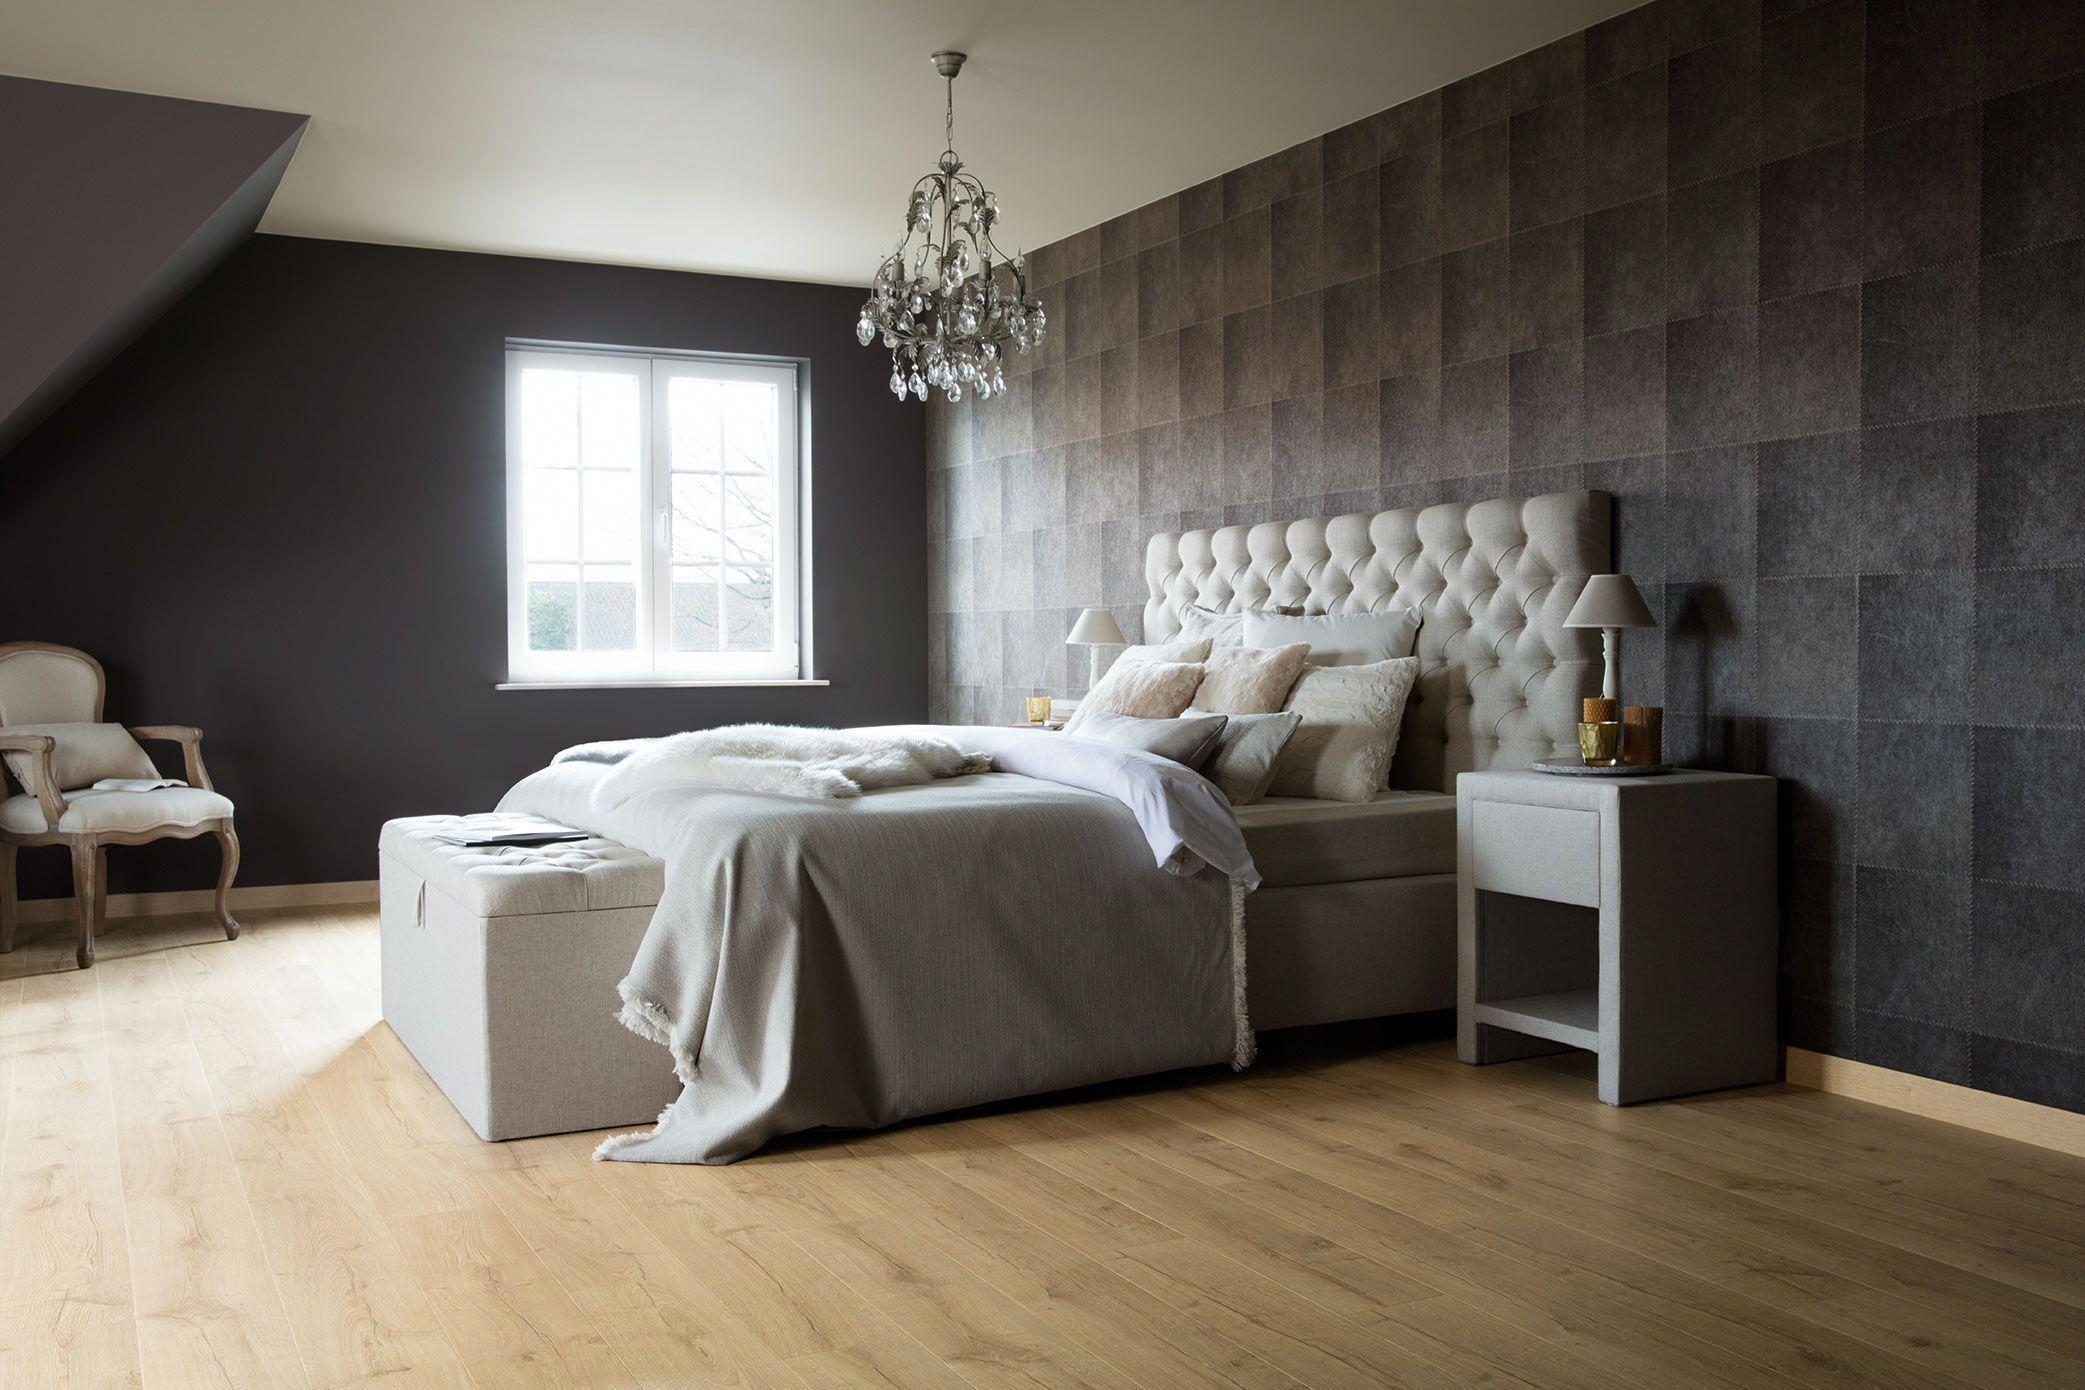 CoolBedlinen Bedroom flooring options, Best flooring